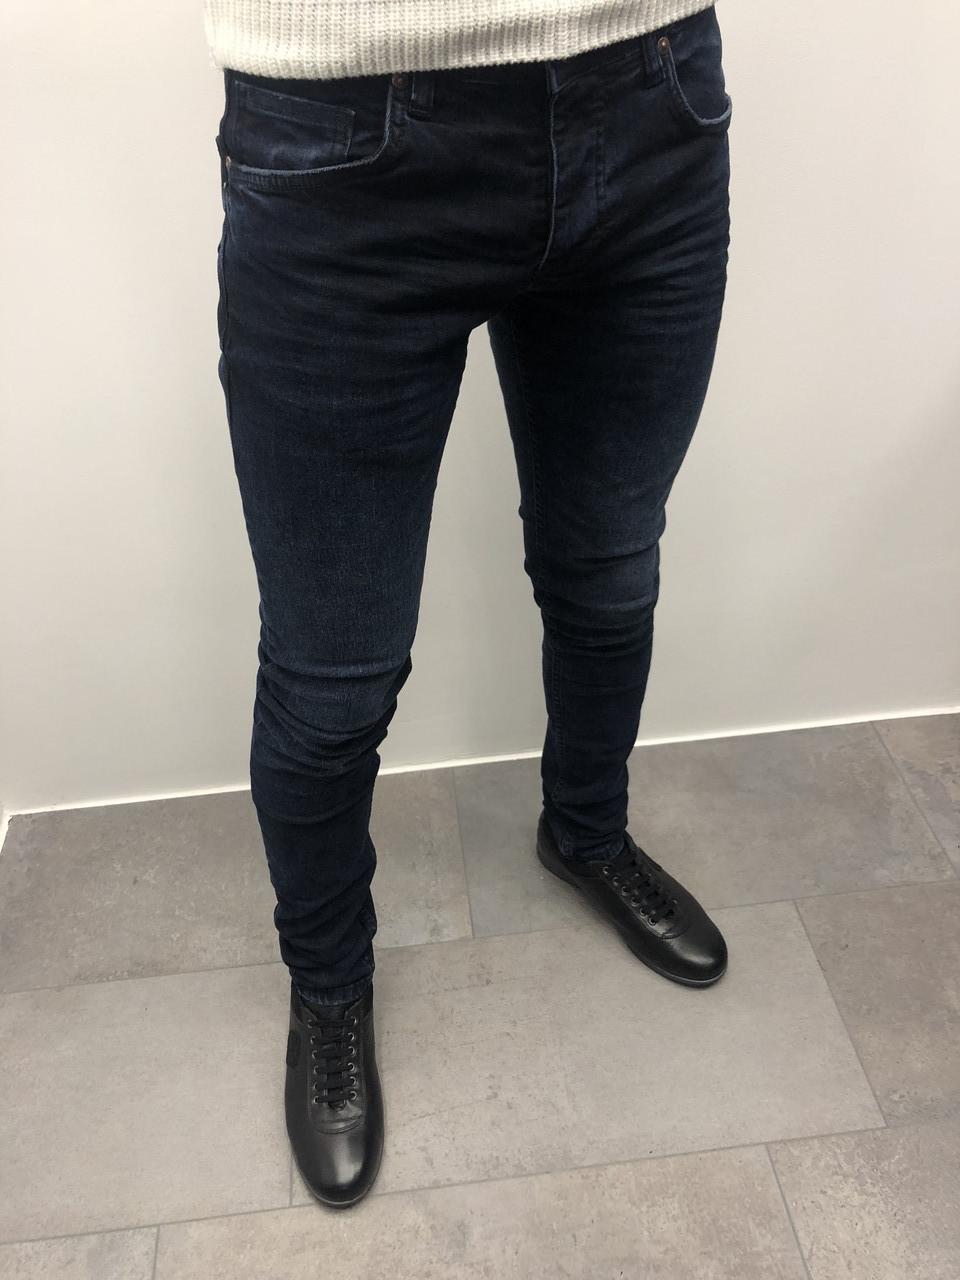 Мужские джинсы темно-синие с заклепками